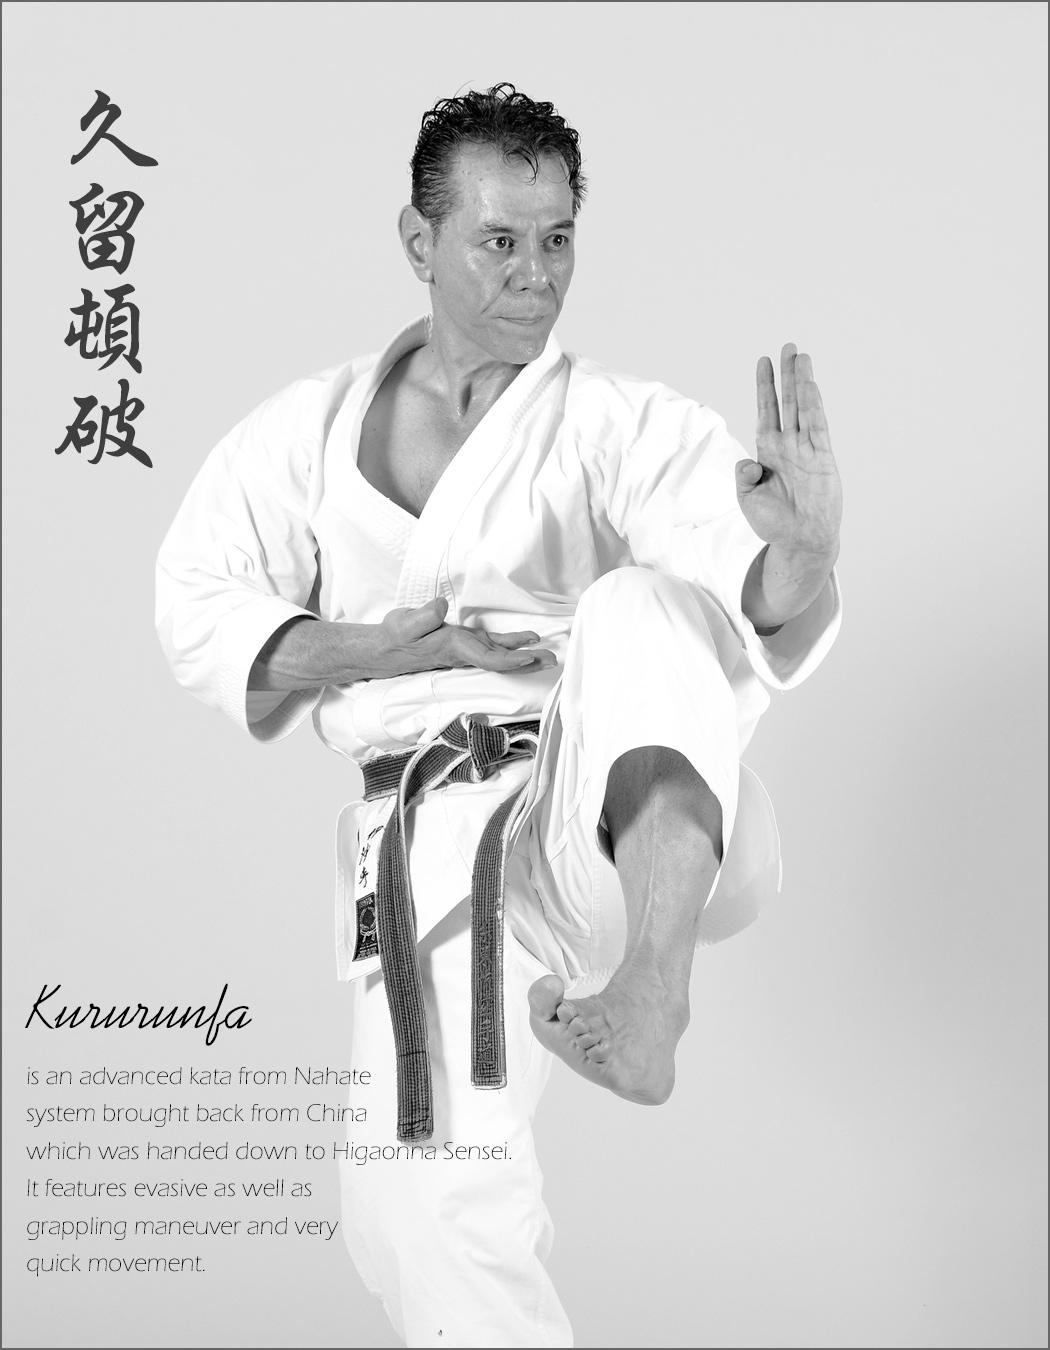 Kururunfa-Tanzadeh-karate